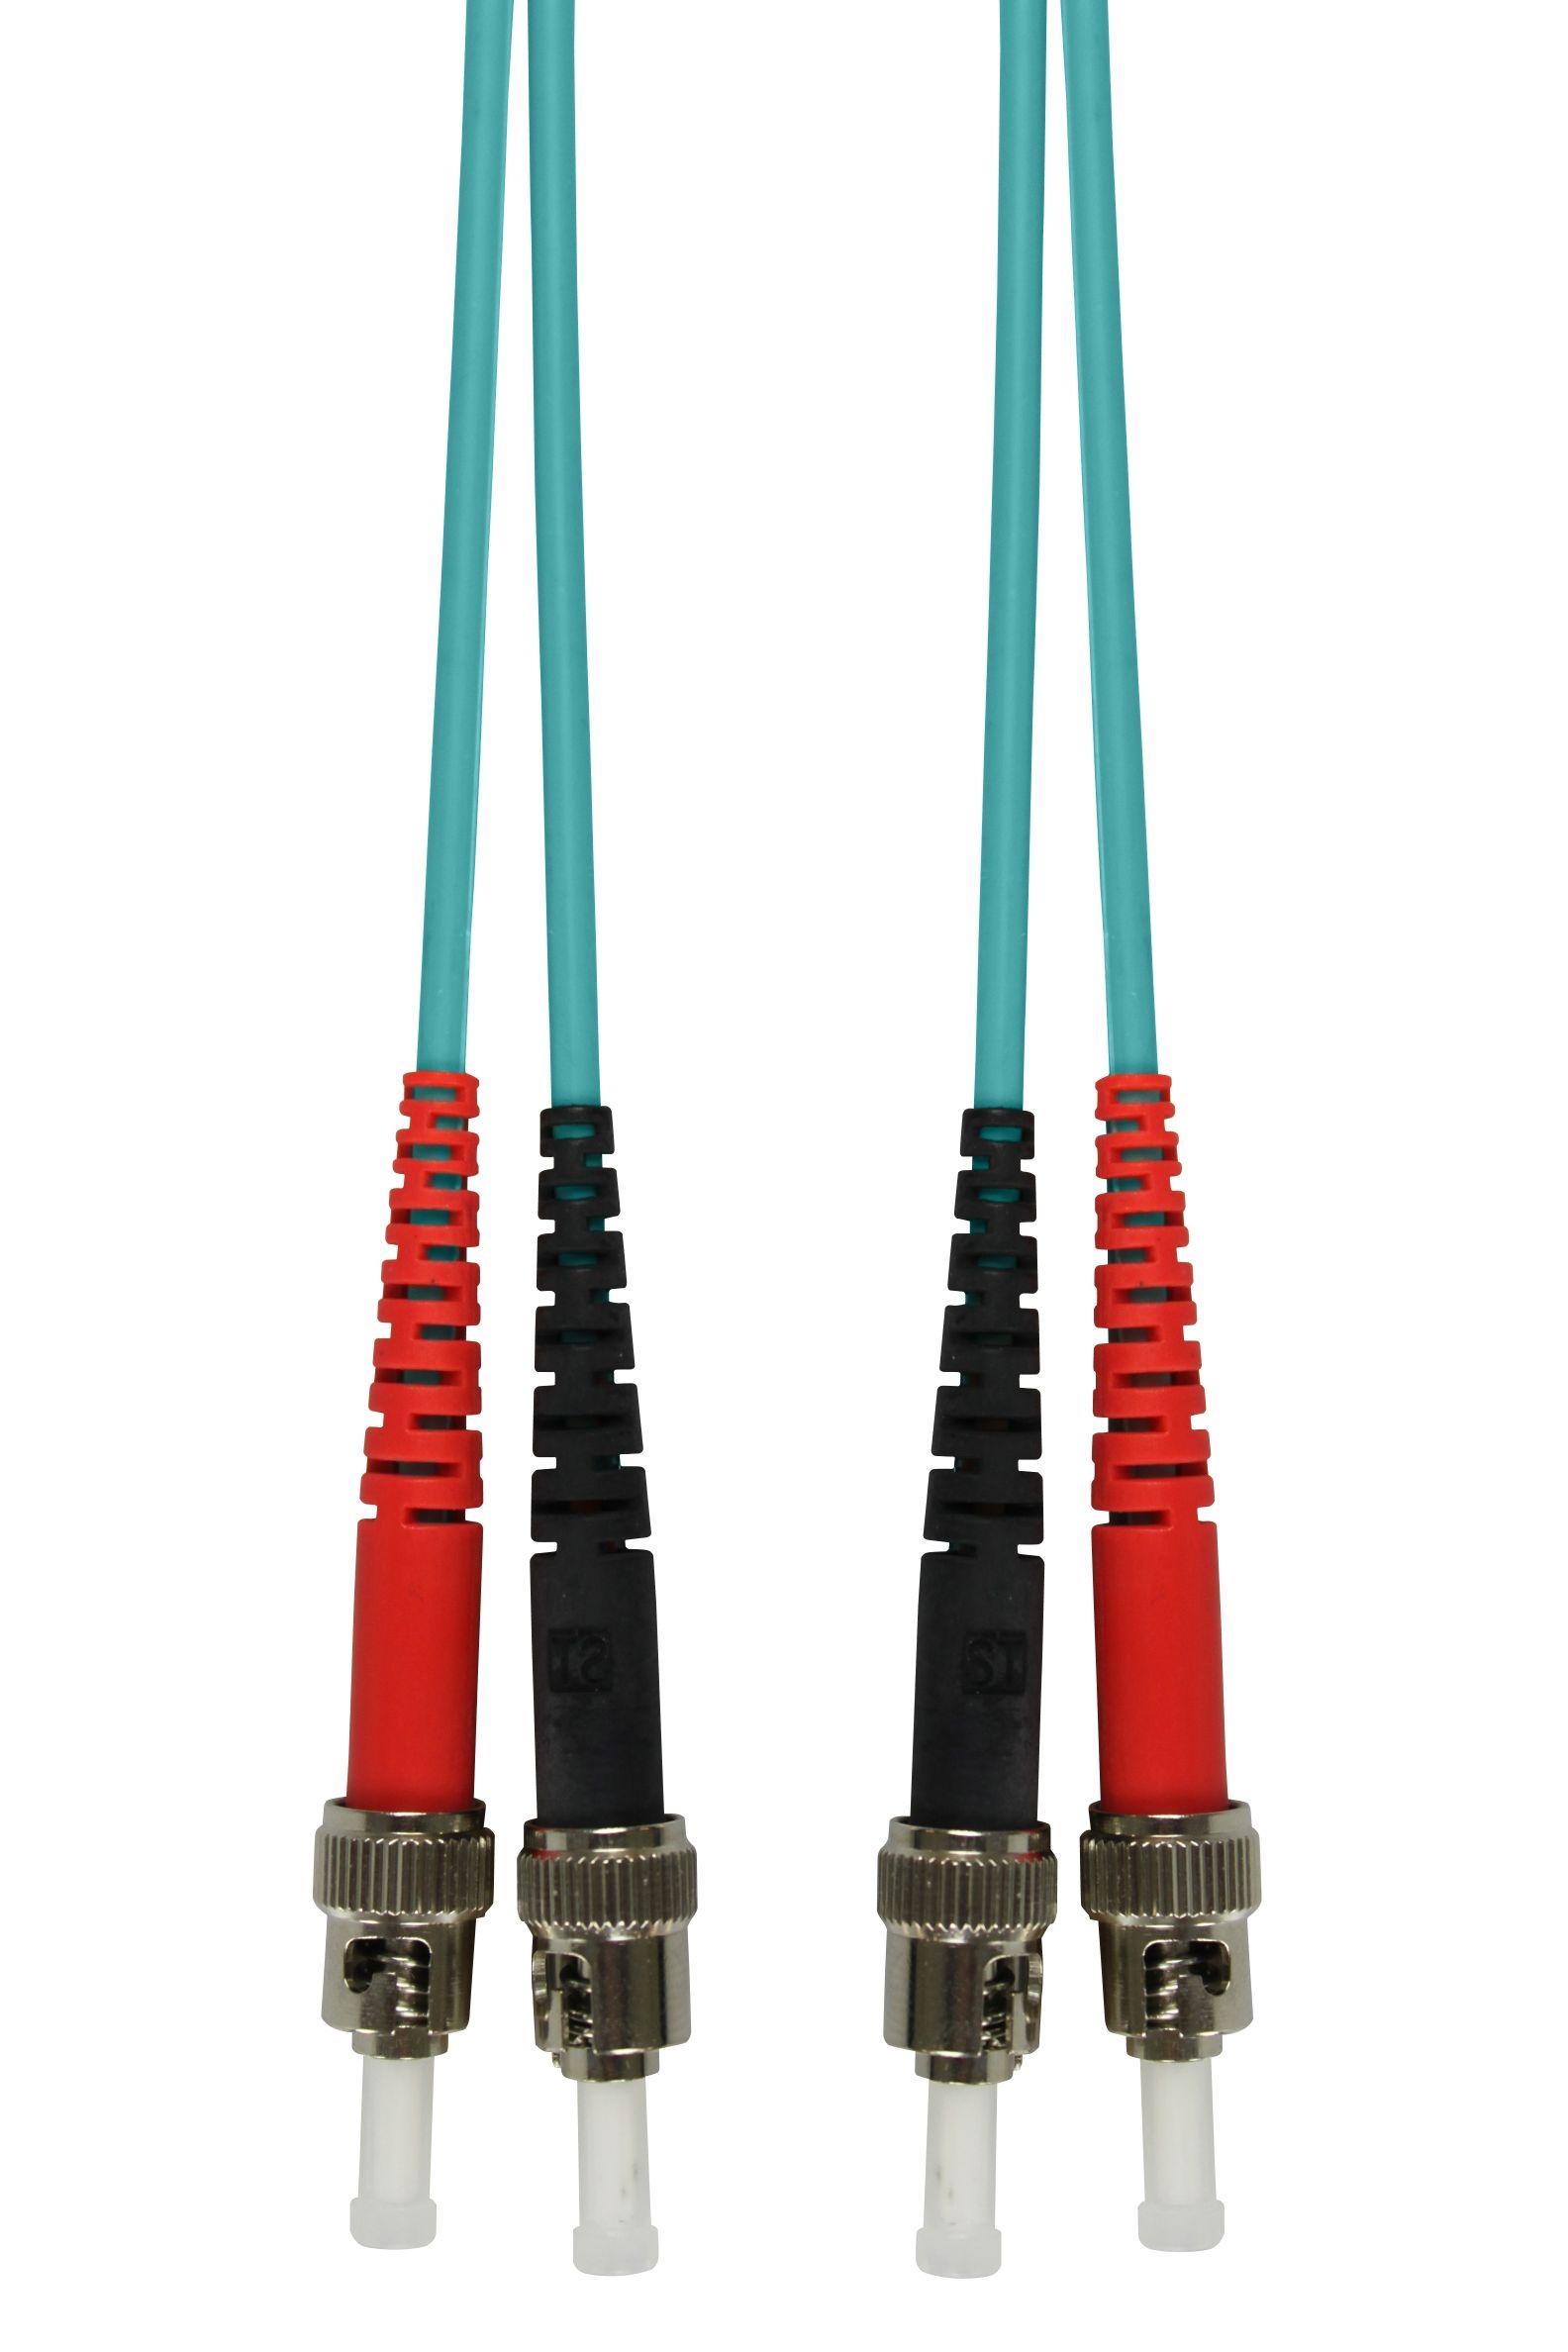 1 Stk LWL Patchkabel Duplex ST/ST,50/125µm OM3,LS0H-3,aqua,10.0m HLP23TT10F